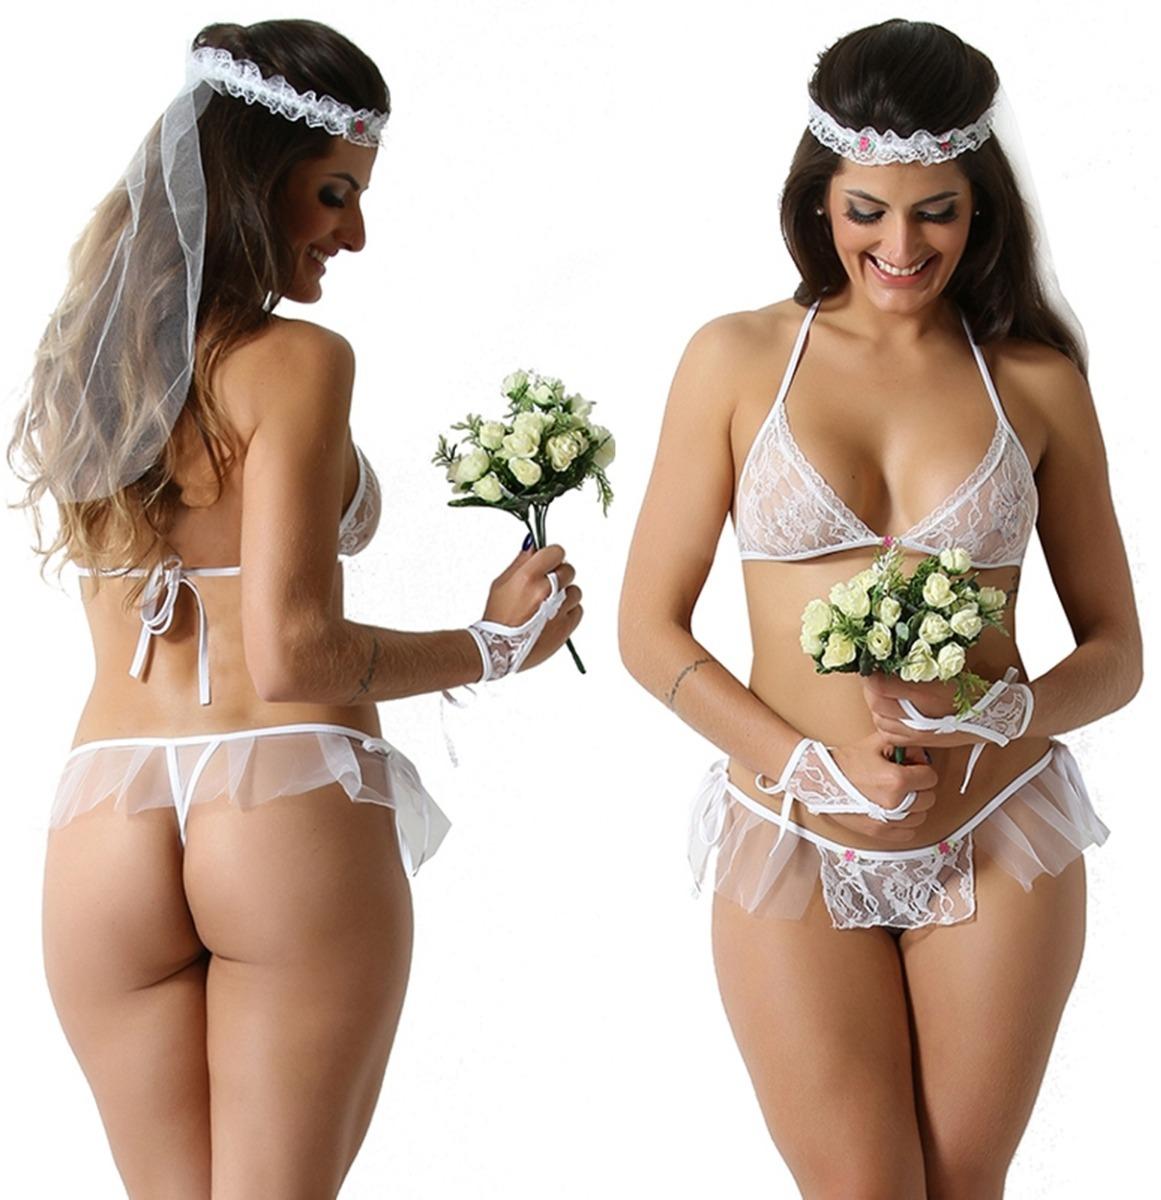 7a887a10a Lingeries Sexy Moda Intima Fantasia Noivinha Lingerie - R  30